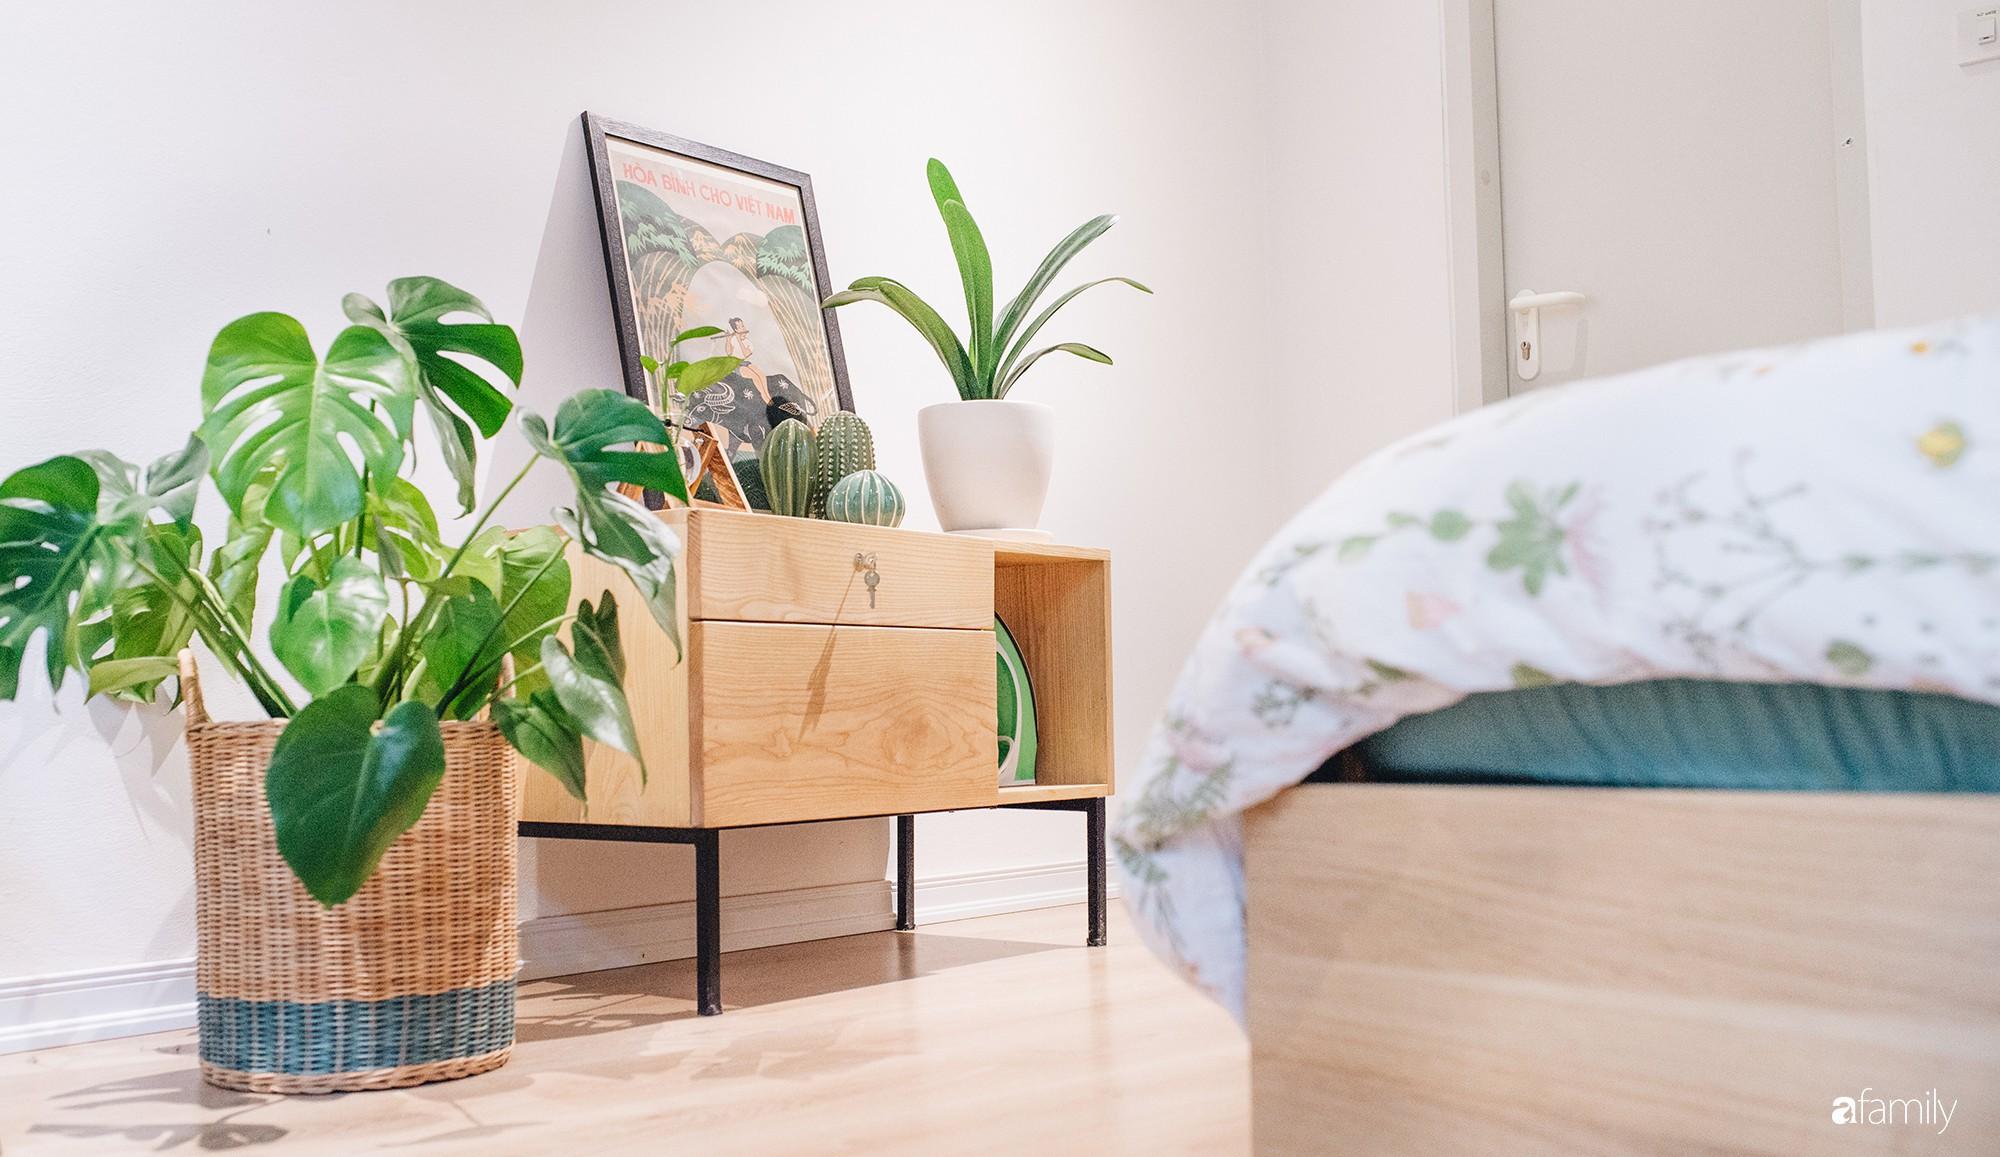 Cây xanh - cách làm mới không gian sống nhanh, rẻ, dễ ứng dụng để đón hè vào nhà - Ảnh 9.